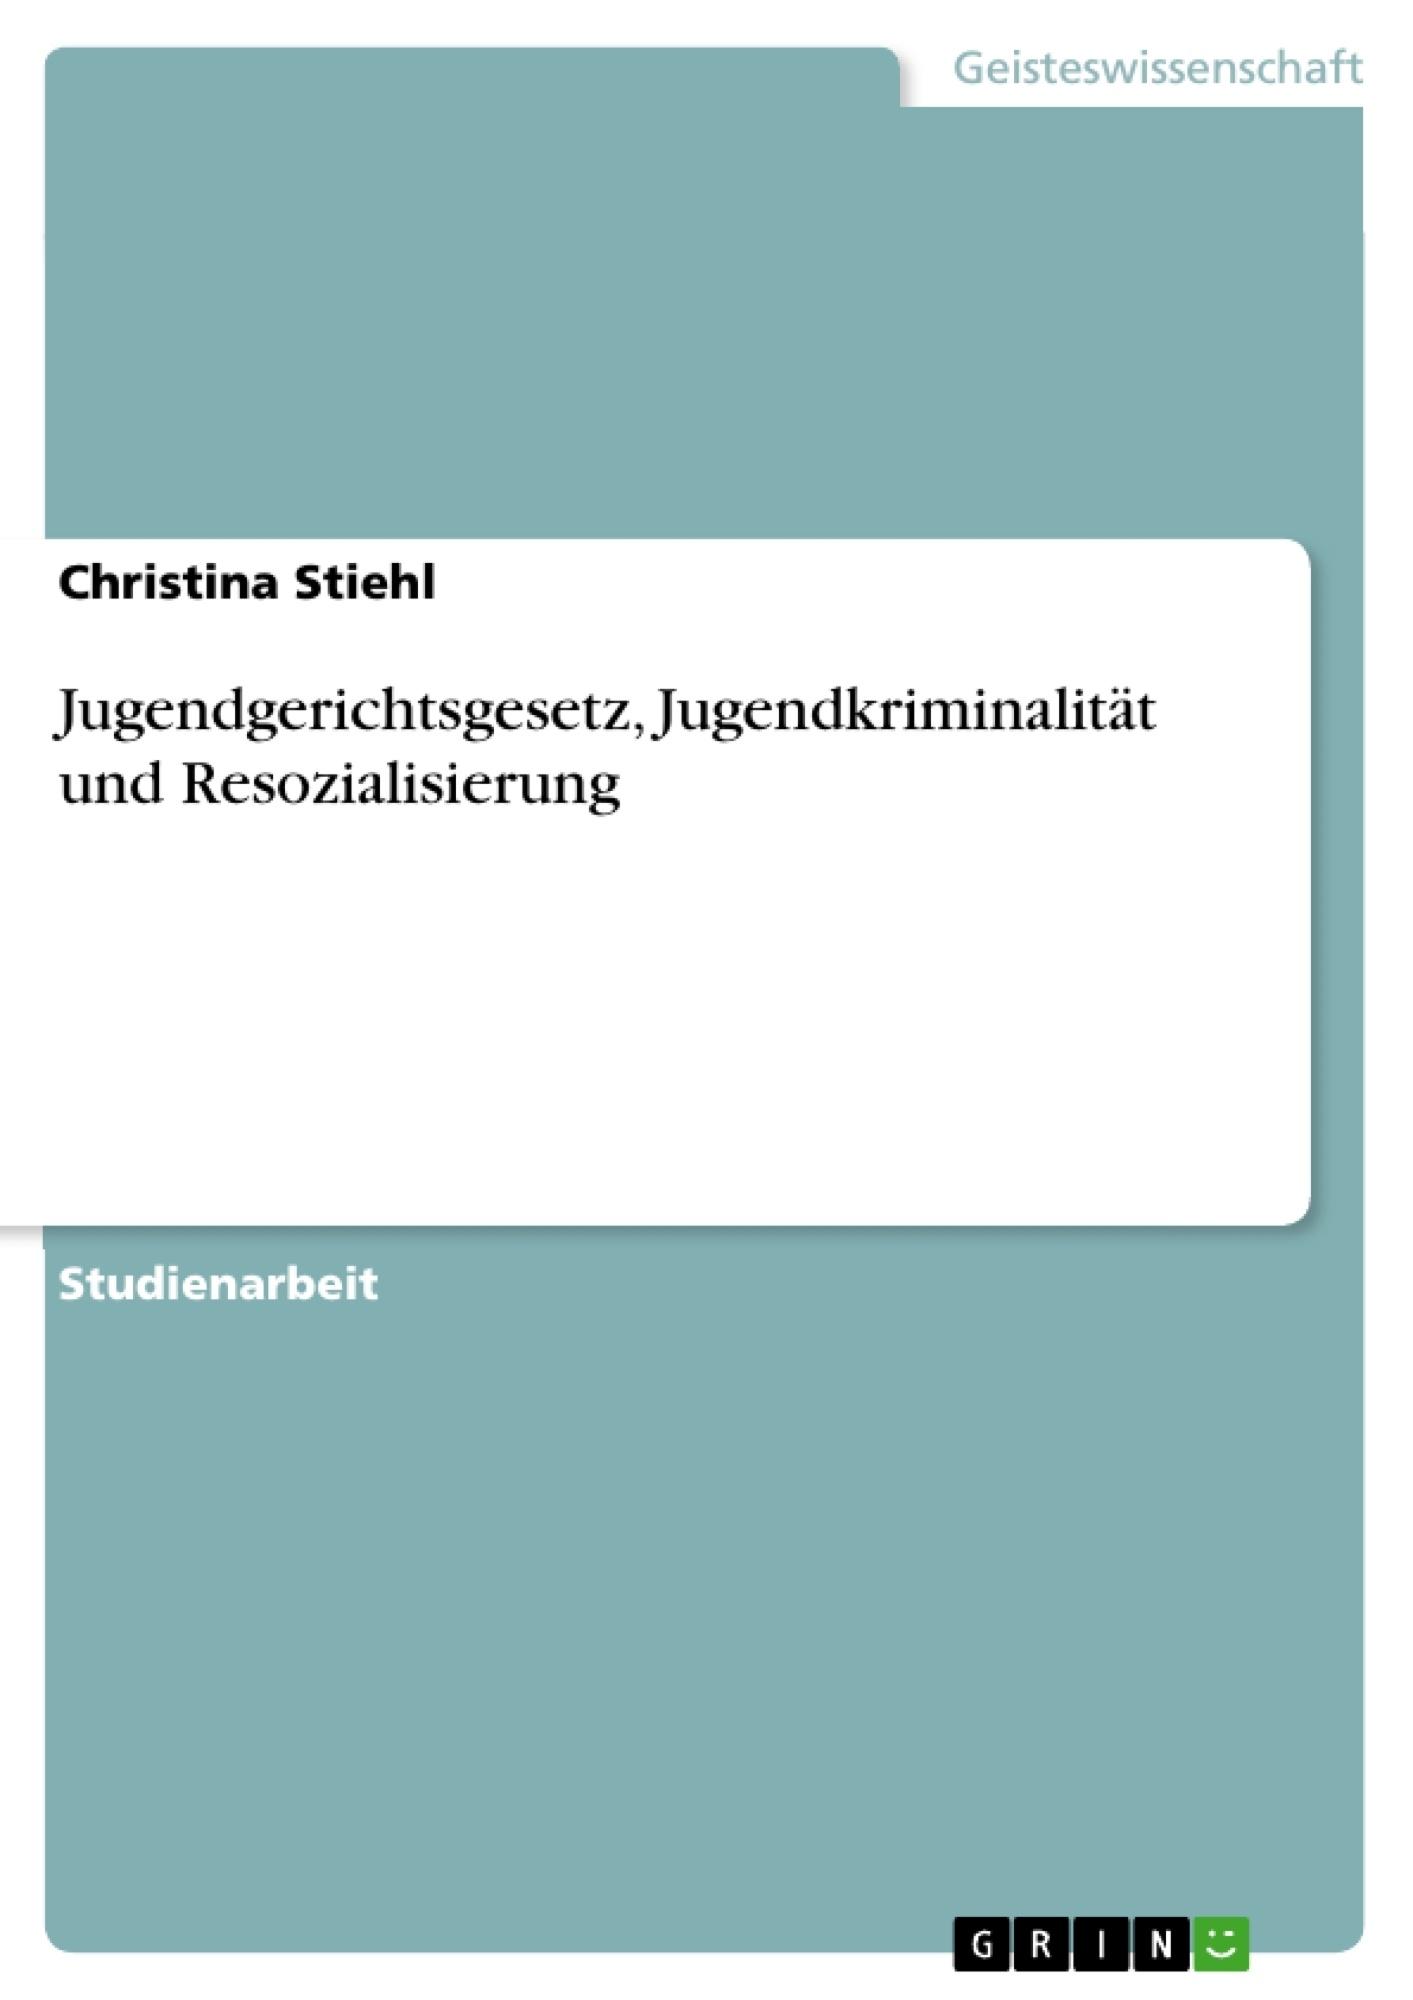 Titel: Jugendgerichtsgesetz, Jugendkriminalität und Resozialisierung